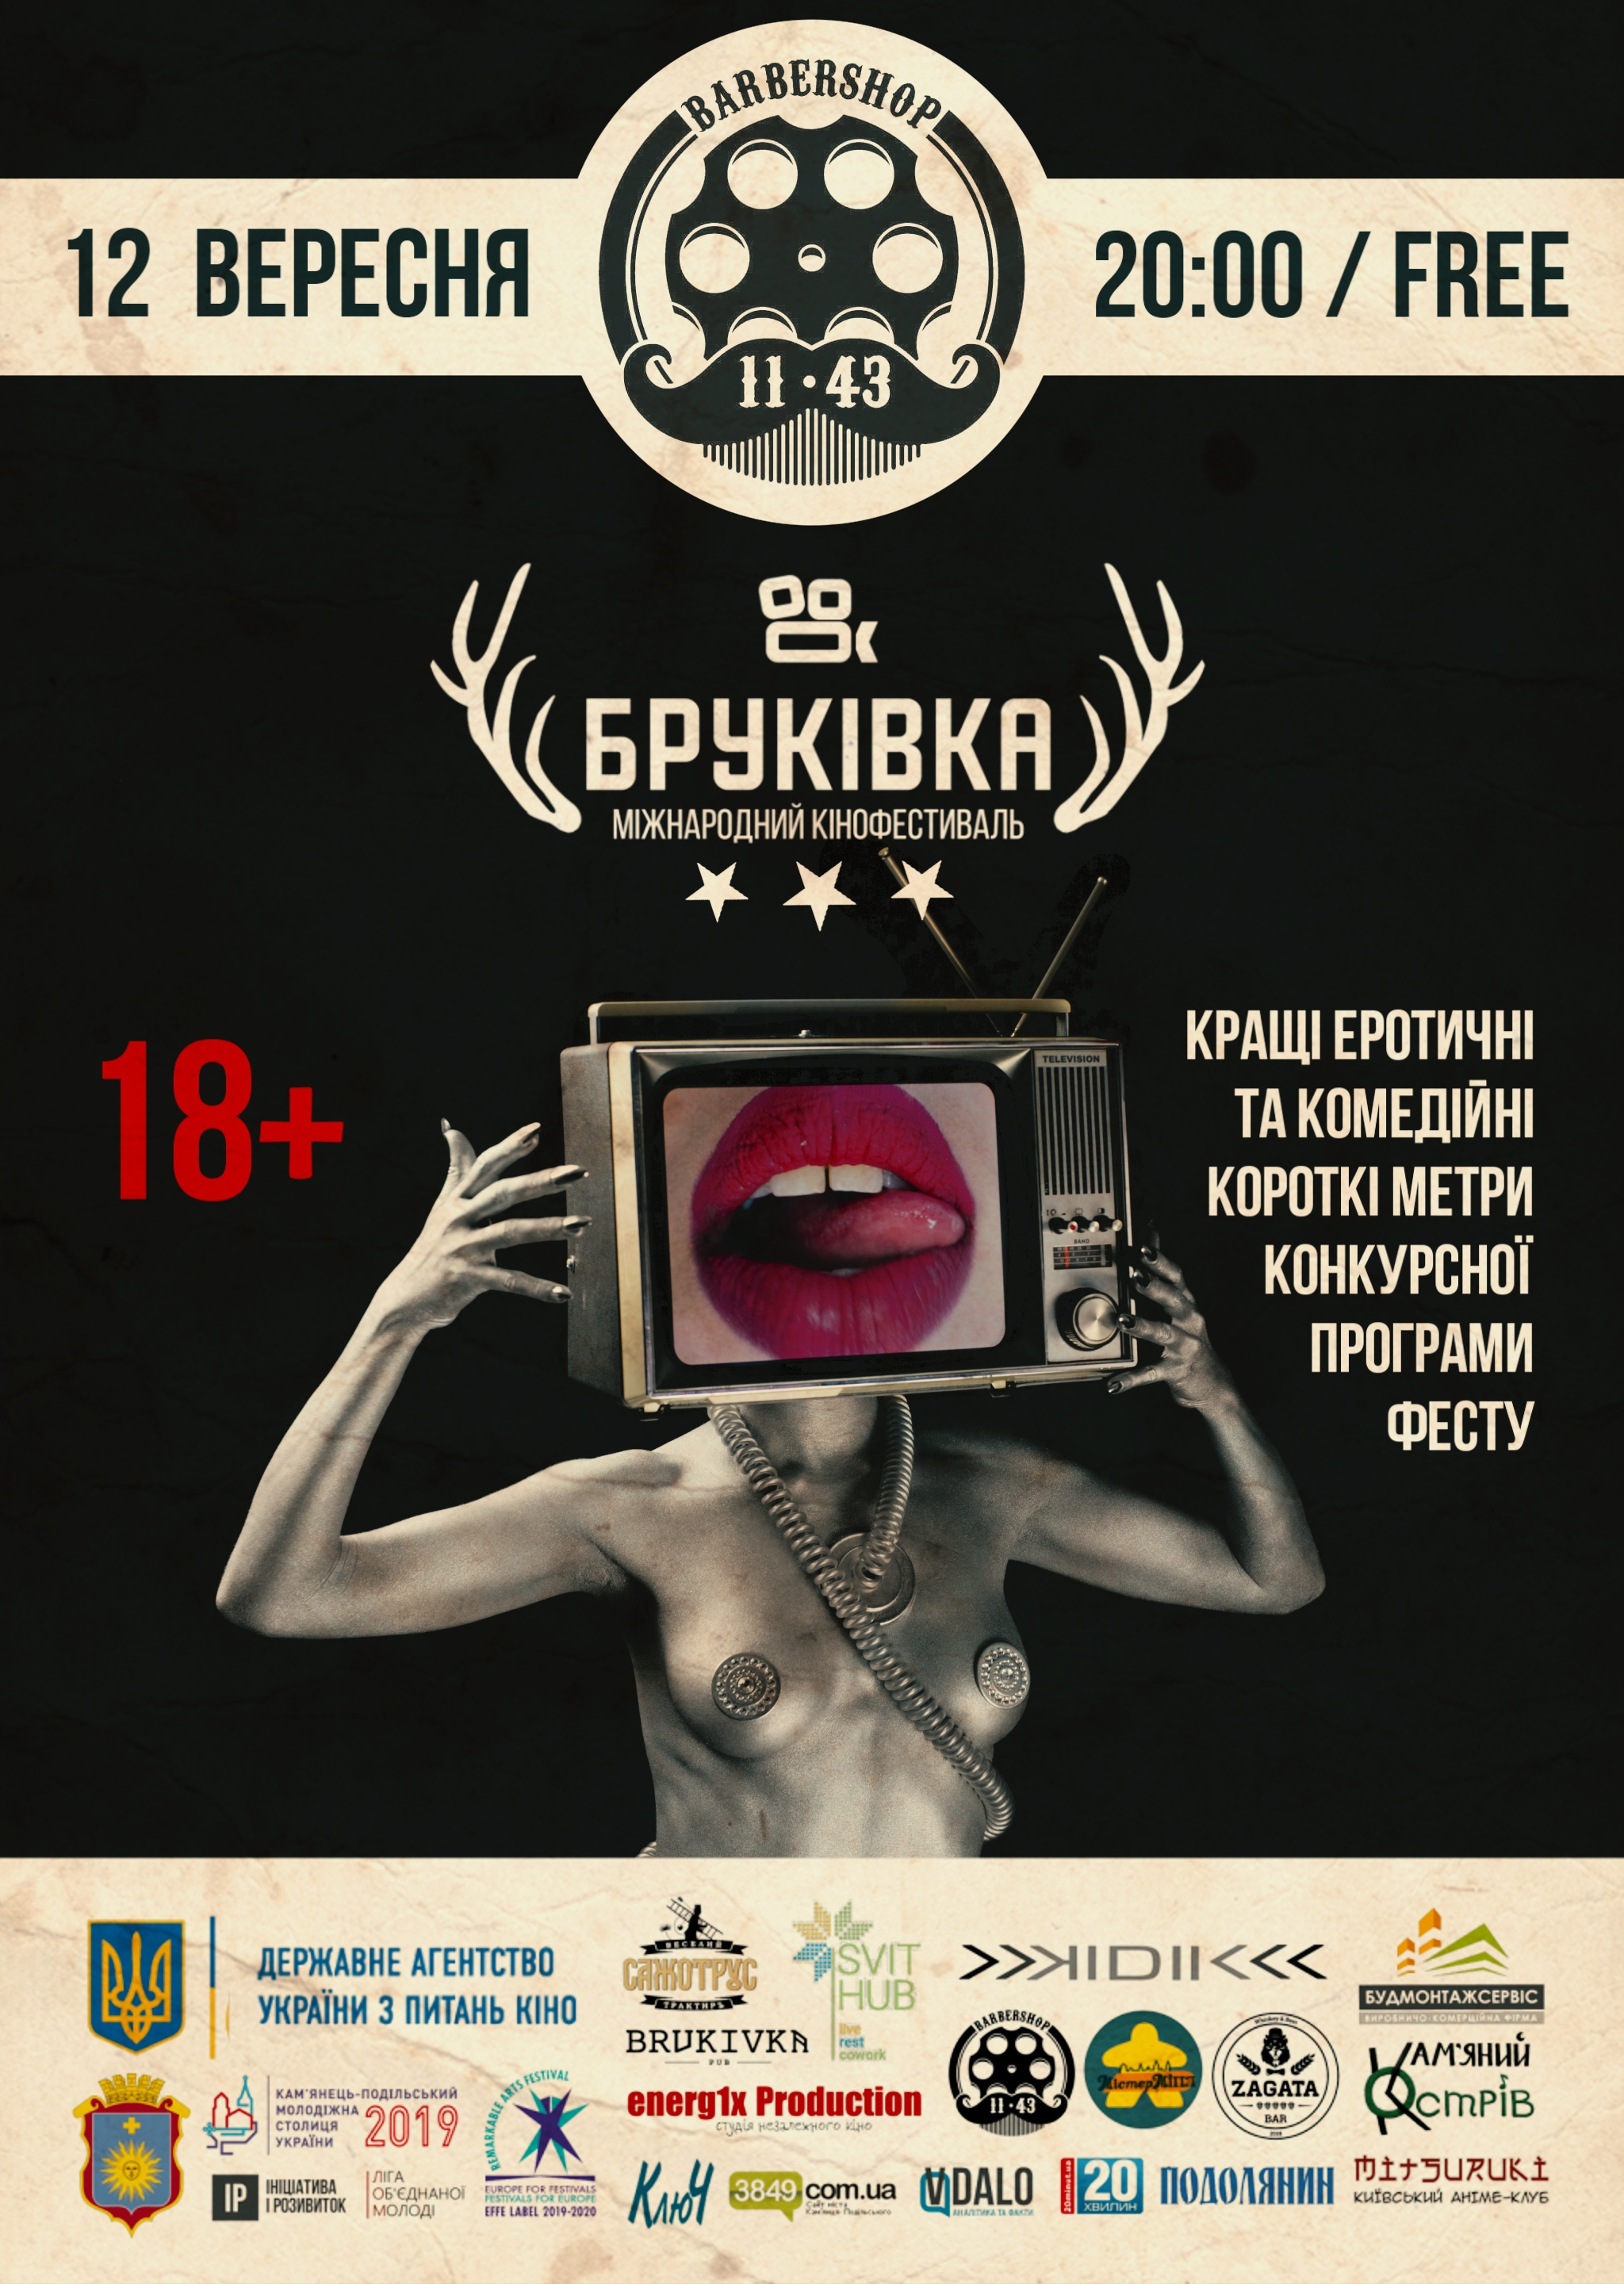 Бруківка фестиваль